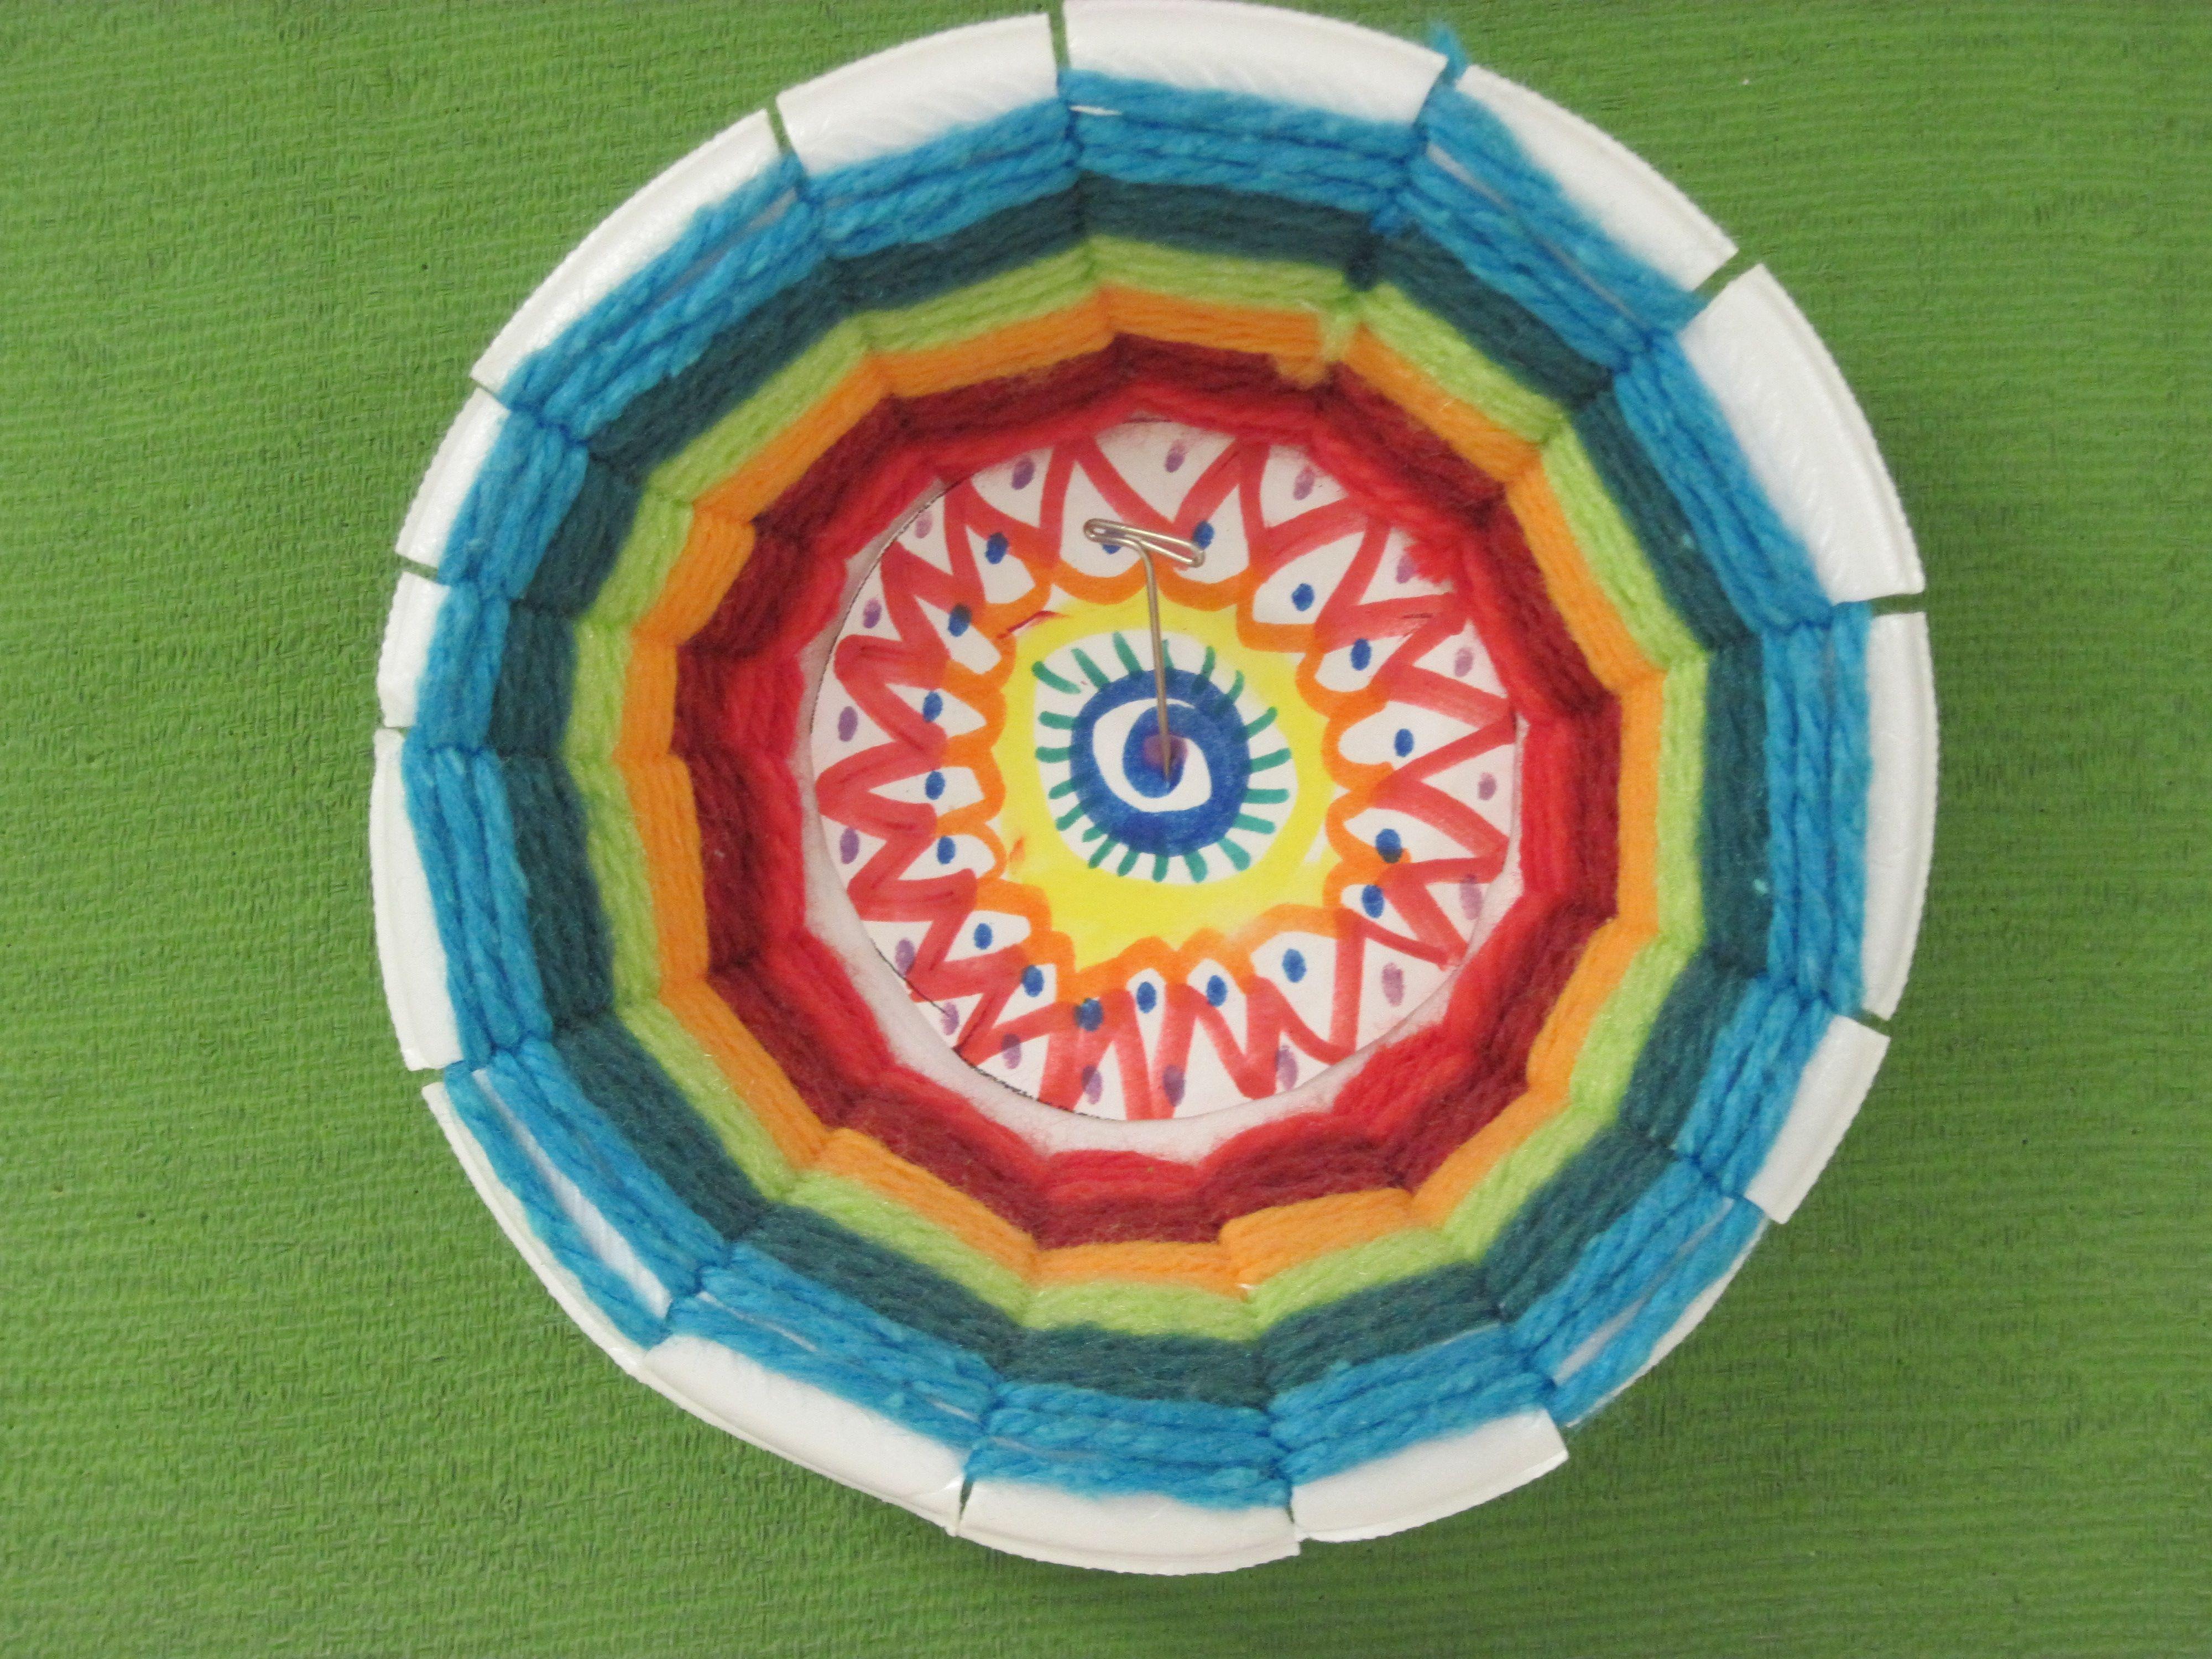 Styrofoam Bowl Weaving With Radial Design Insert